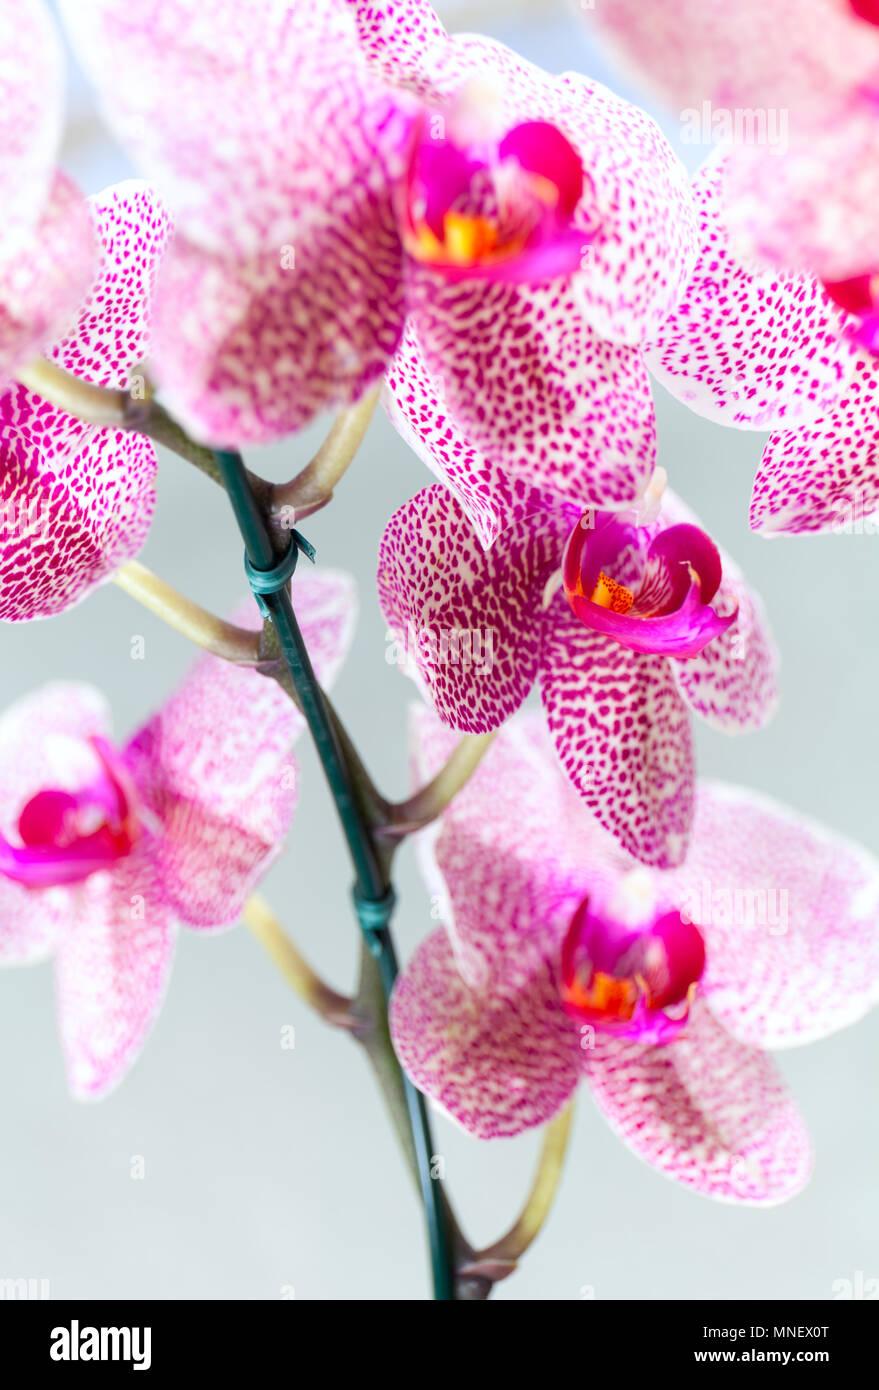 belles fleurs rose et blanche mouchet e d 39 esp ce d. Black Bedroom Furniture Sets. Home Design Ideas